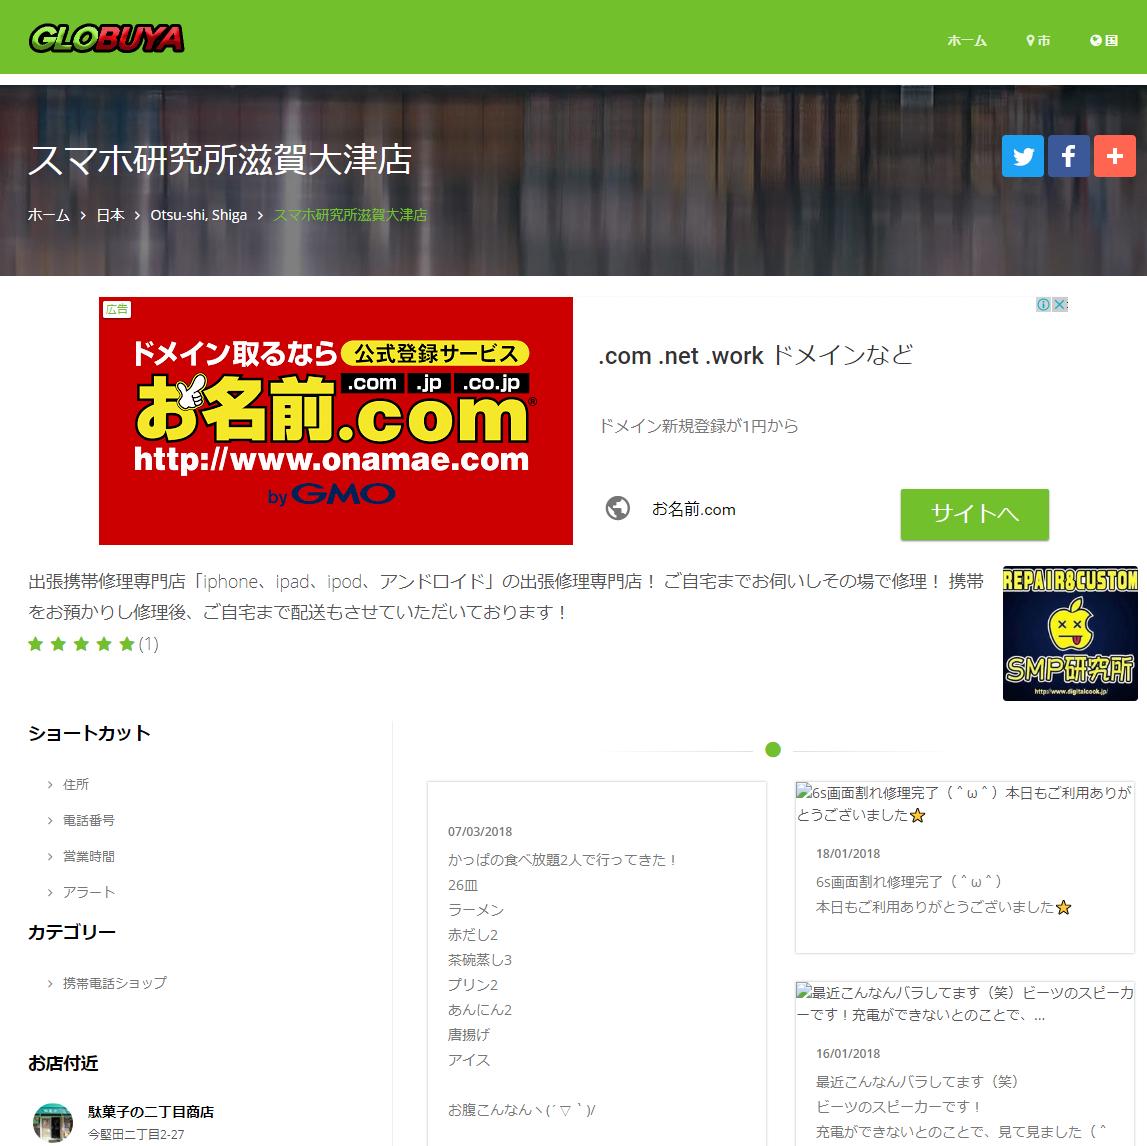 スマホ研究所滋賀大津店|滋賀・大津